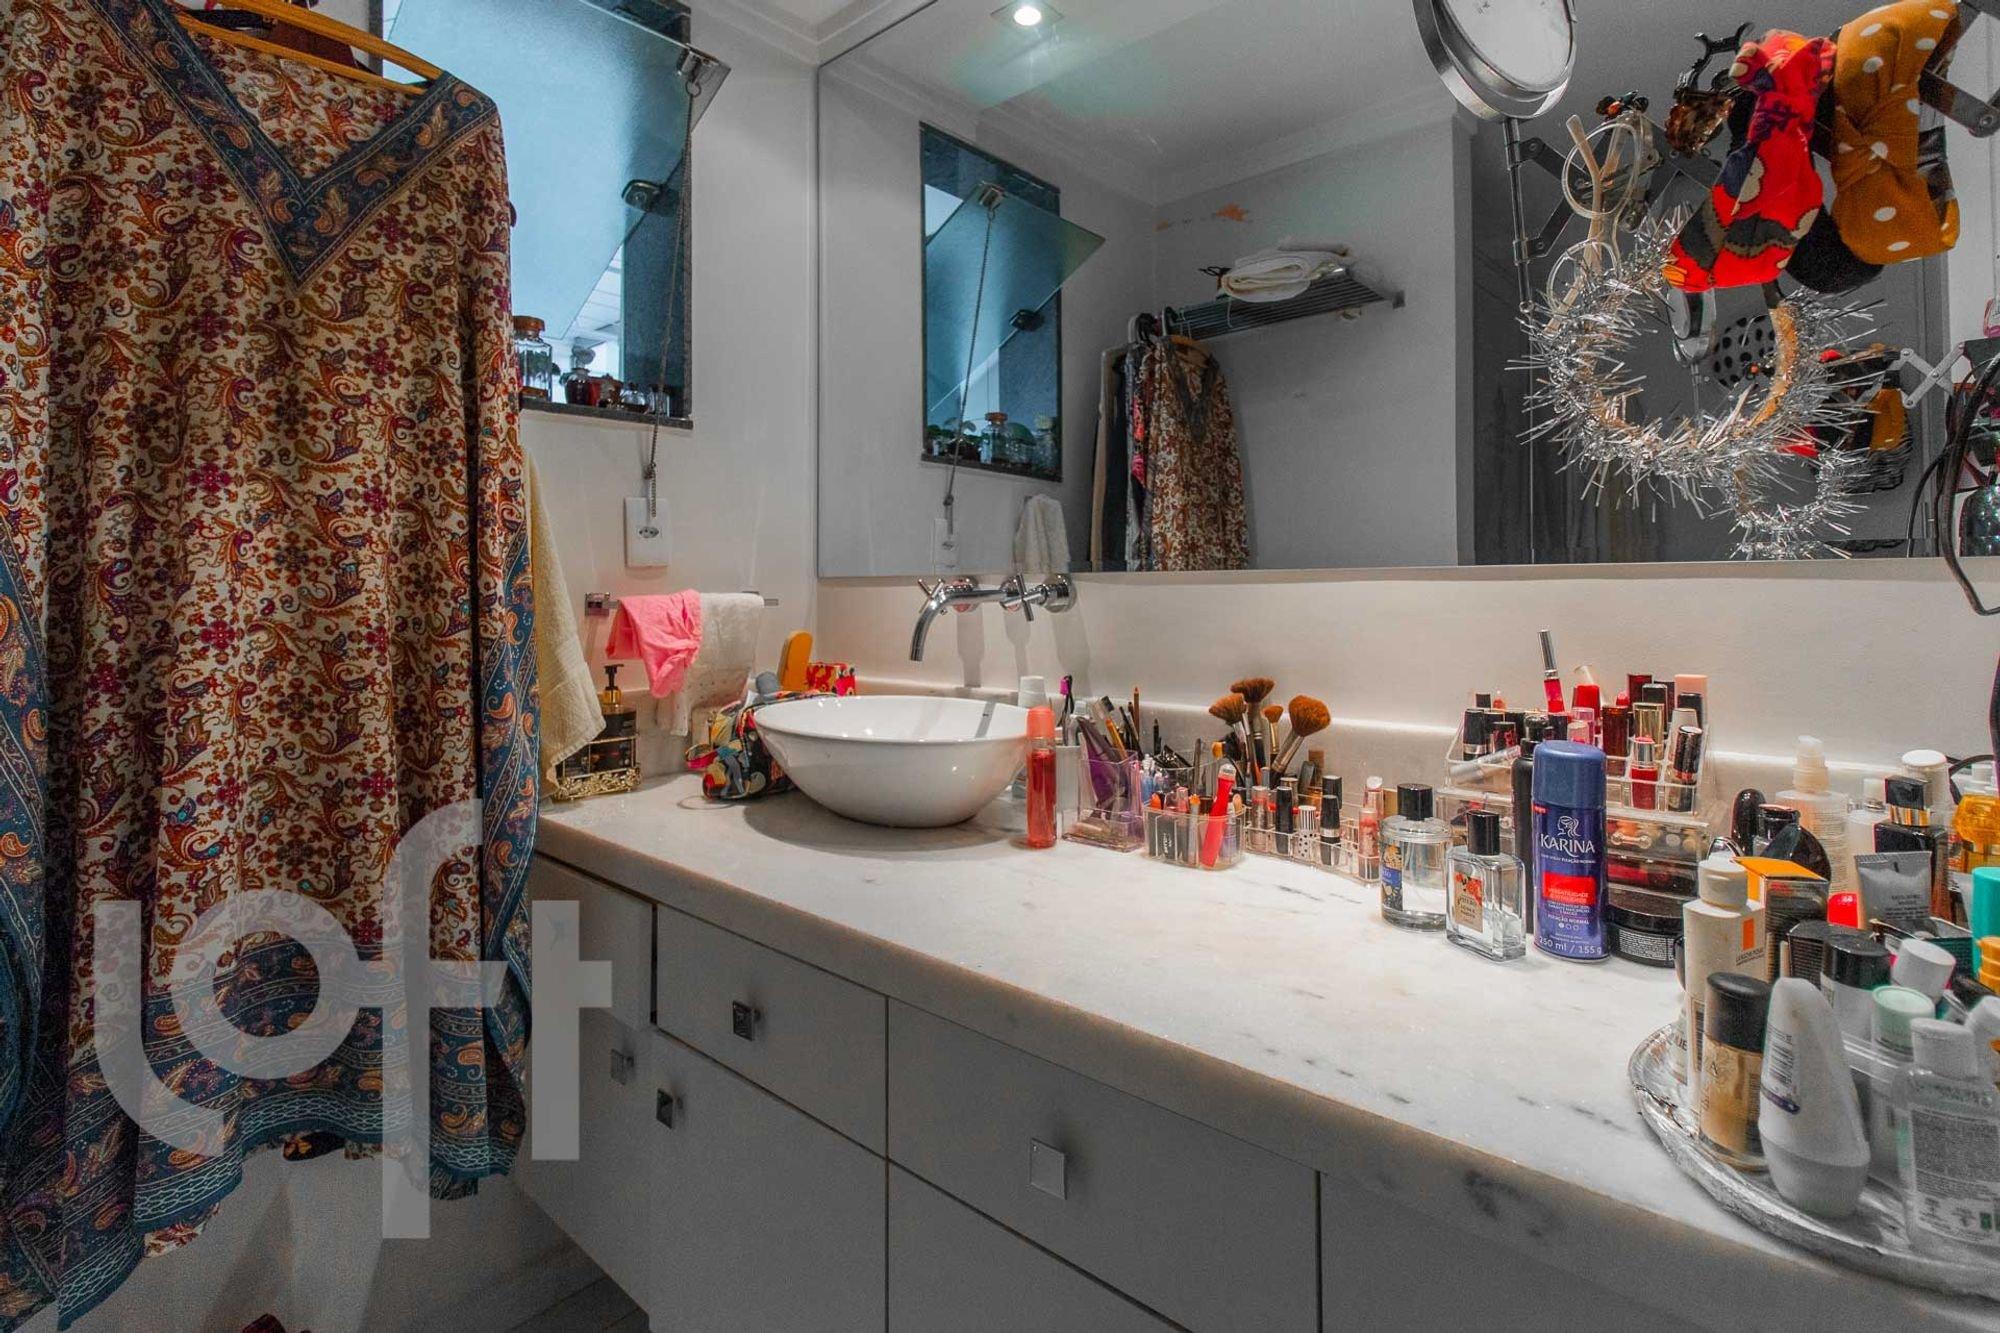 Foto de Banheiro com pia, garrafa